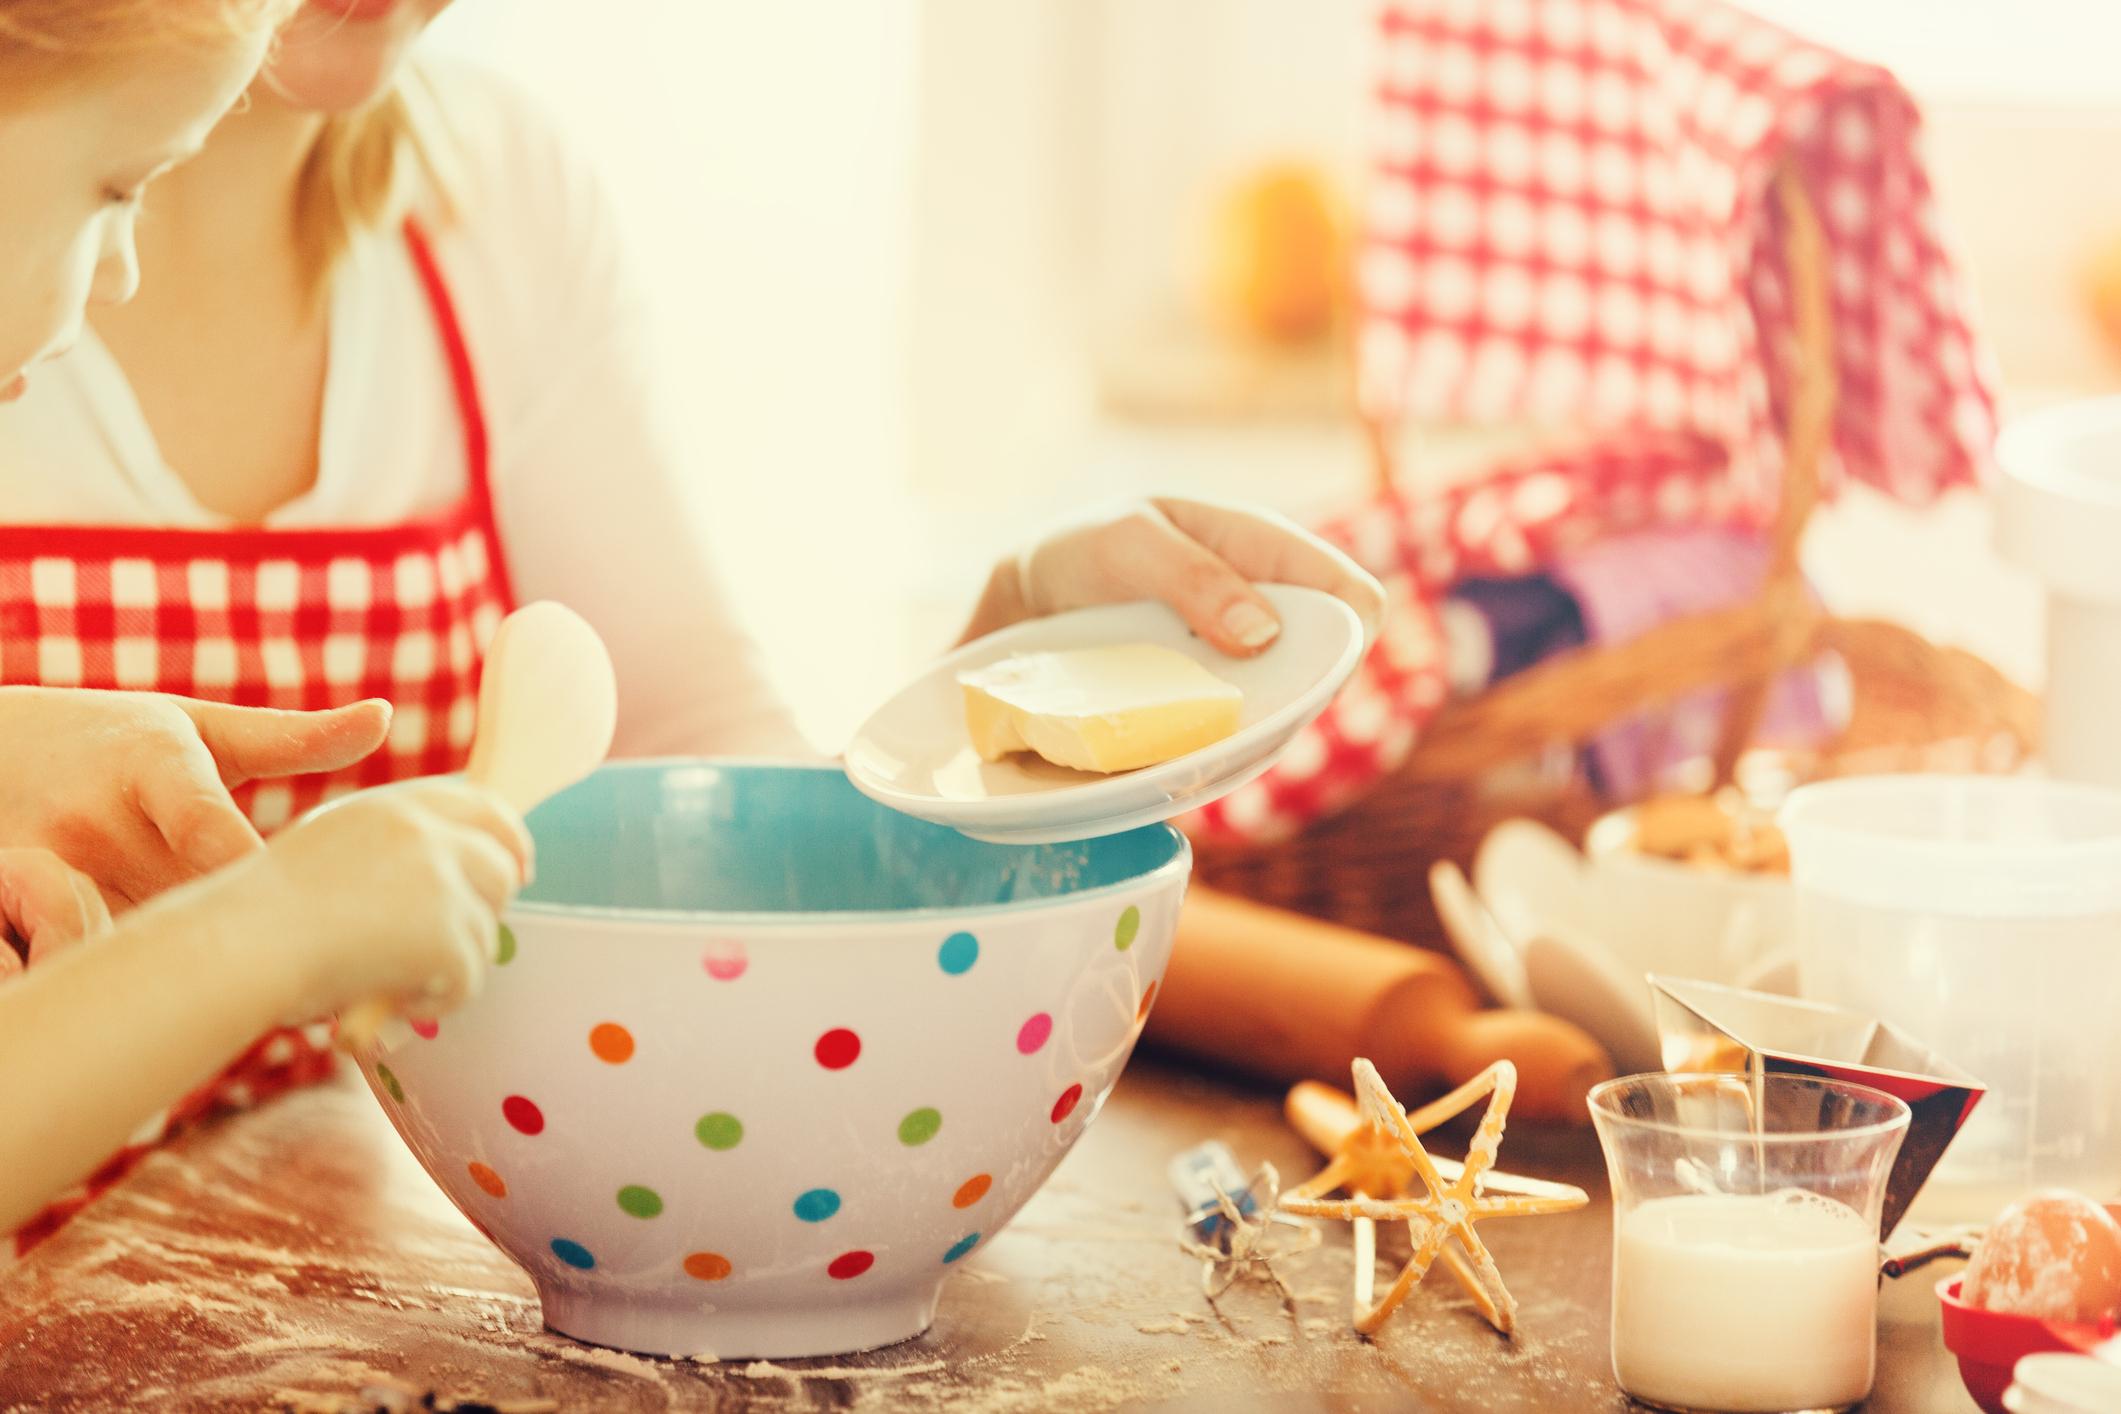 Les petits chefs: cuisiner ensemble avec les enfants